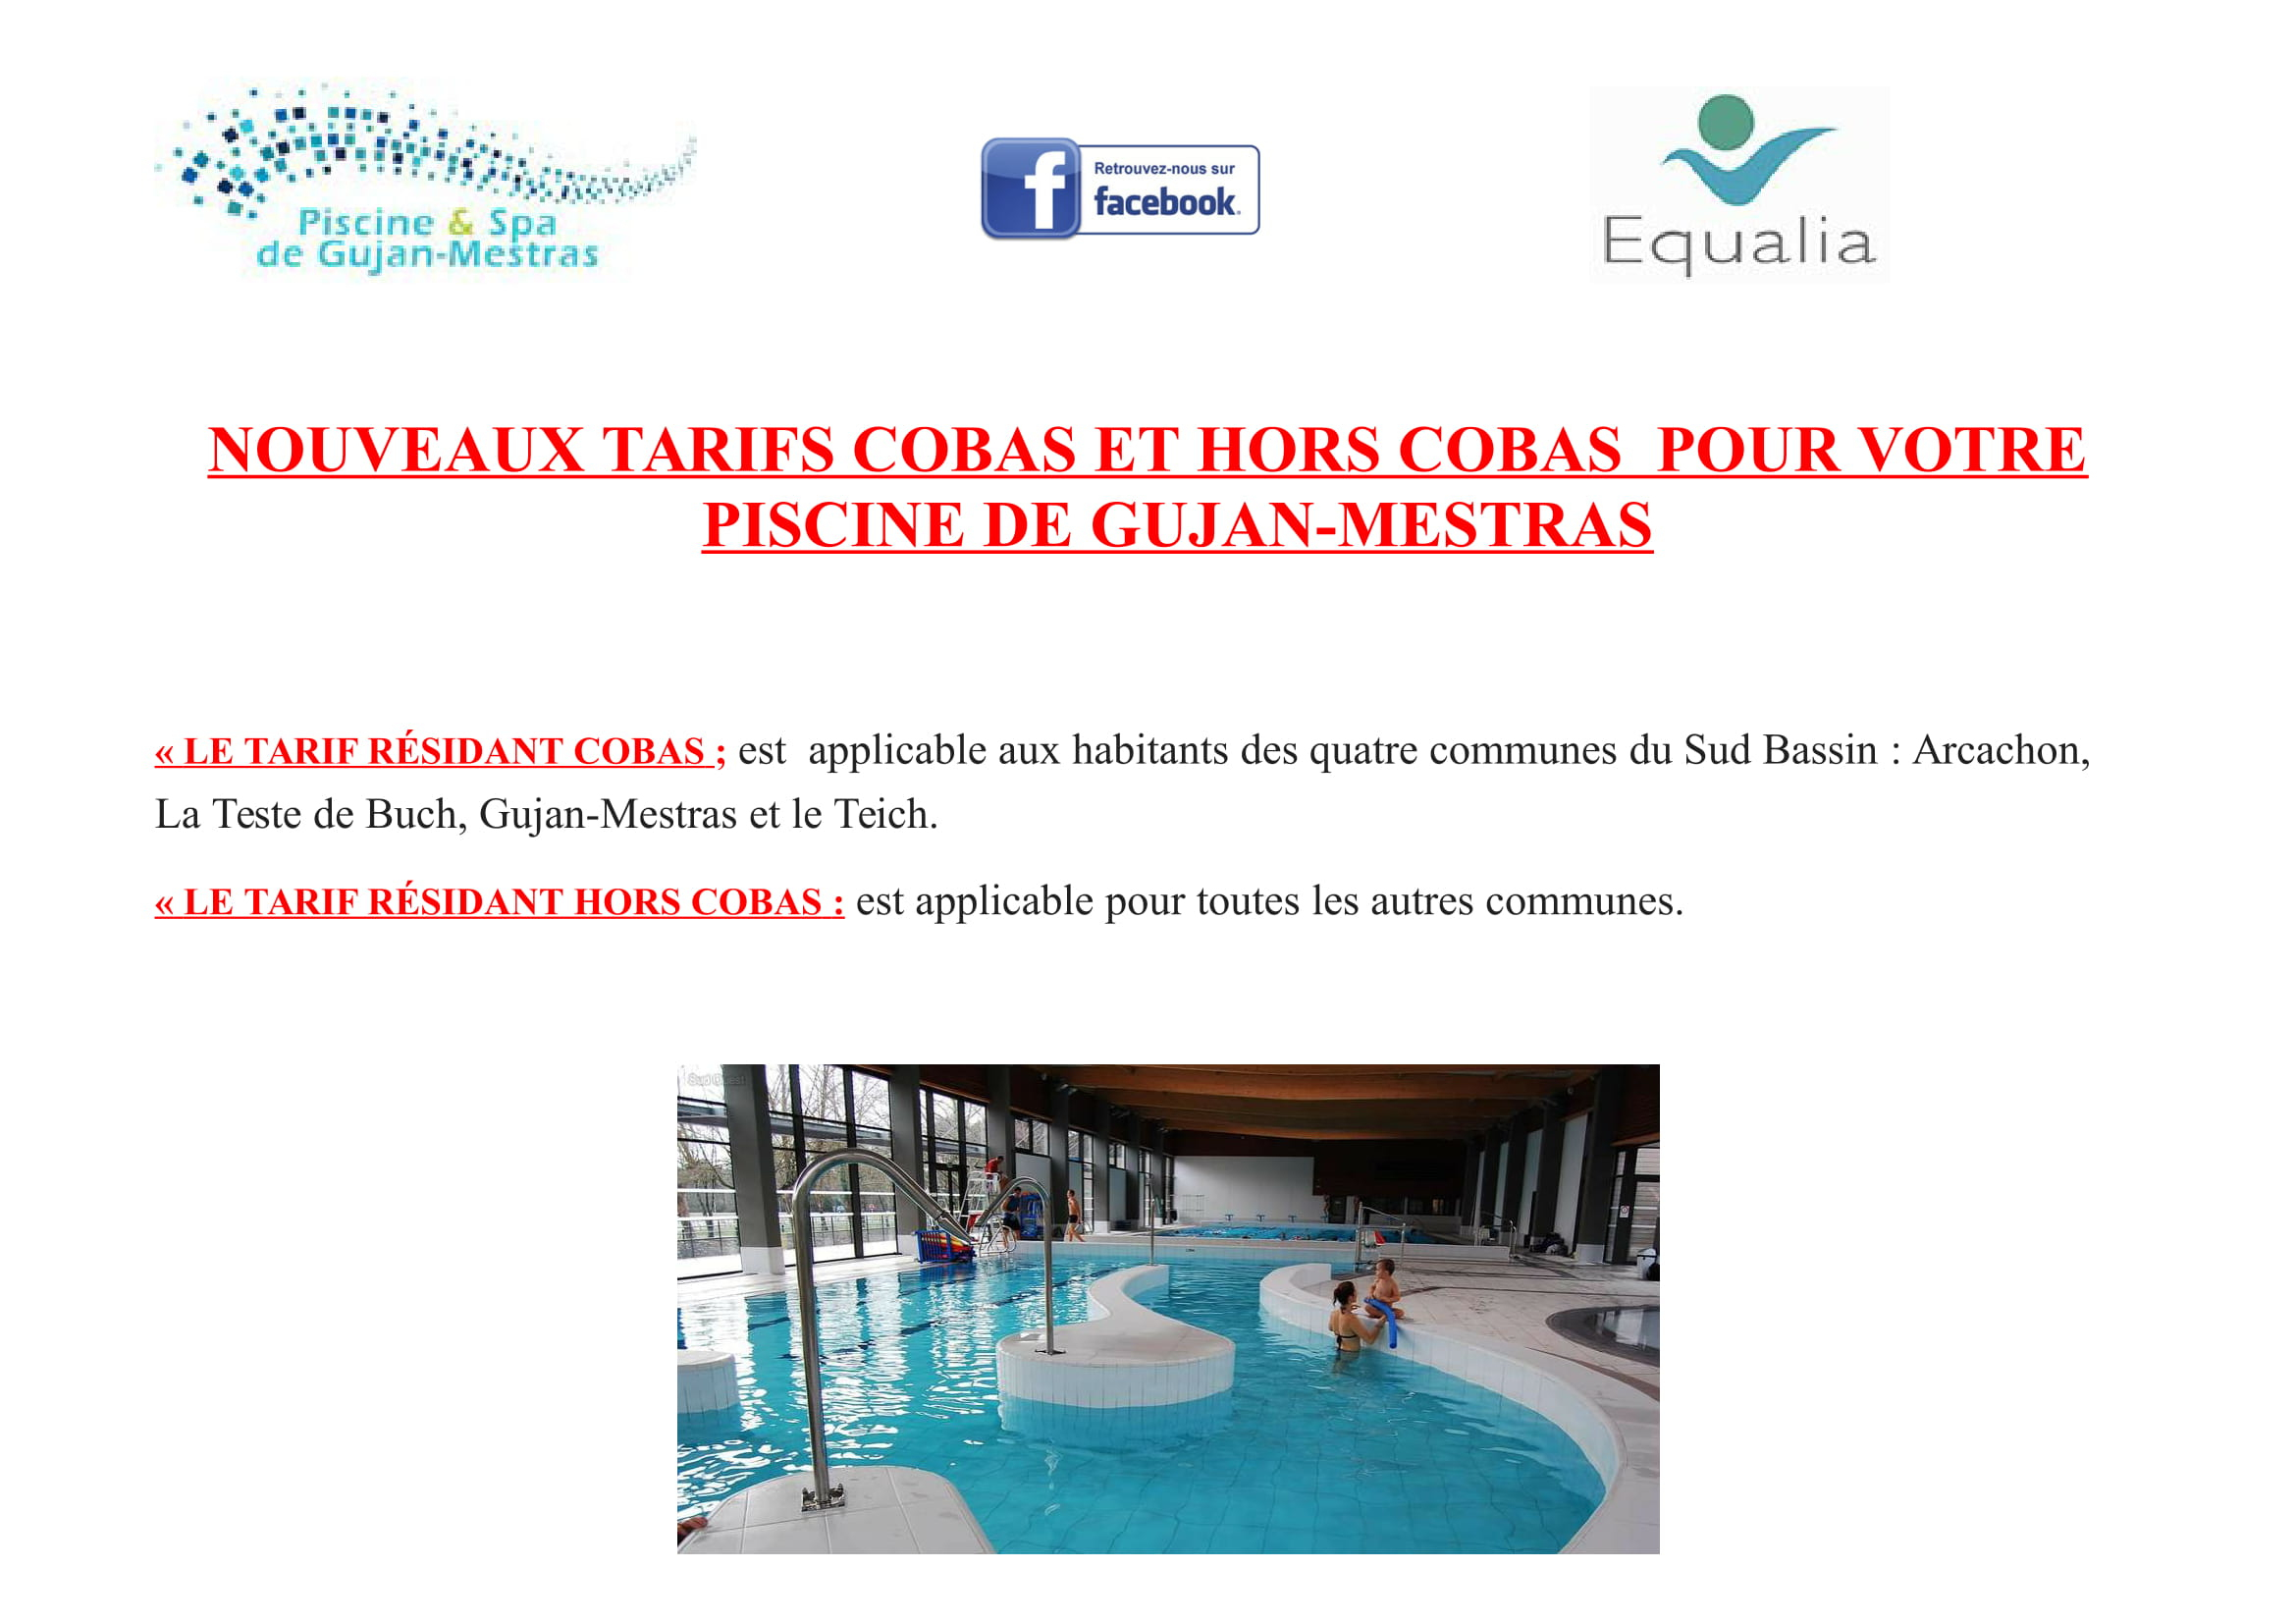 Nouveaux Tarifs Cobas Dans Votre Piscine Et Spa De Gujan ... destiné Piscine Arcachon Horaires